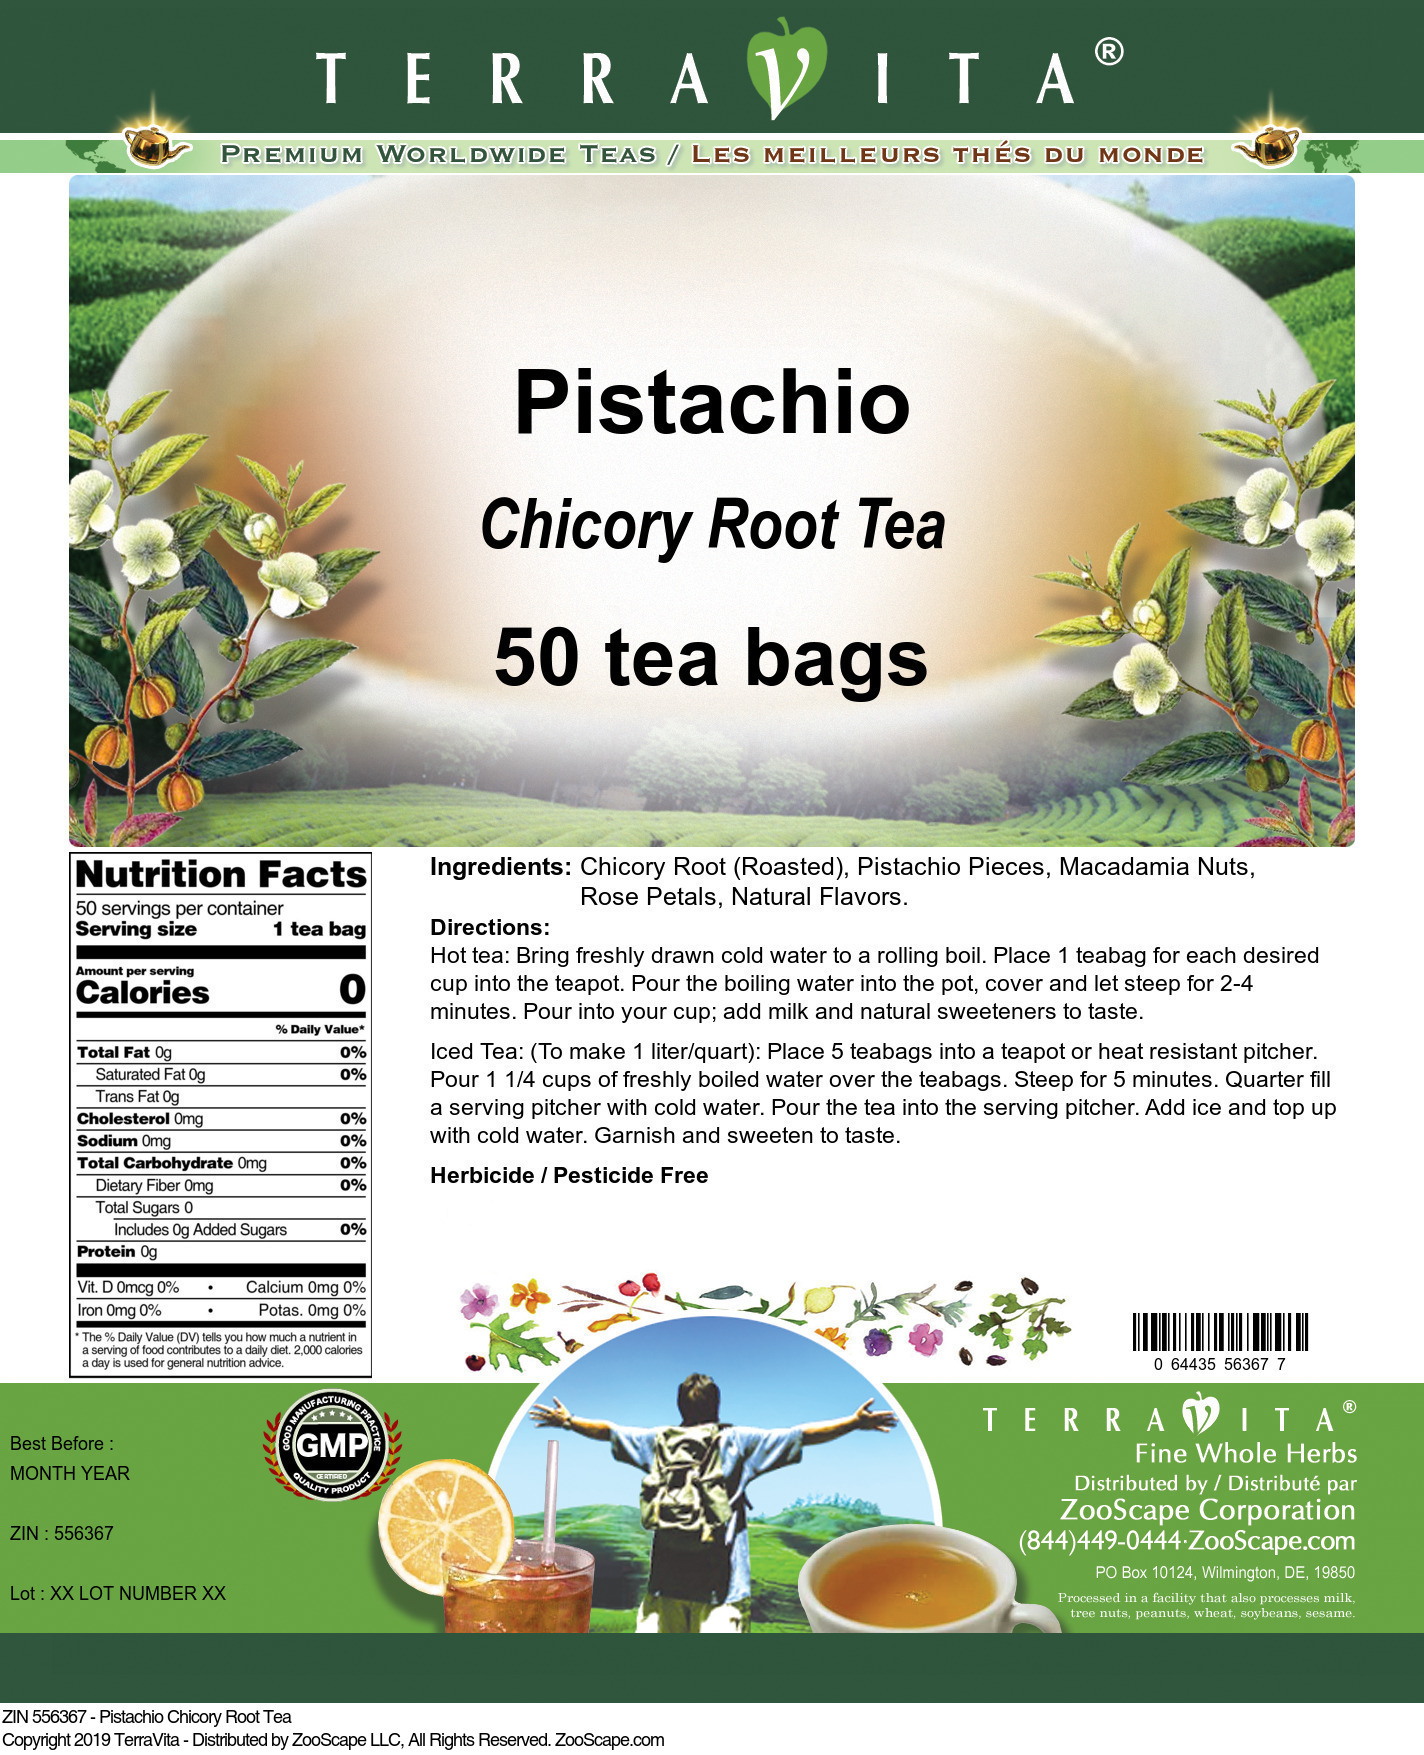 Pistachio Chicory Root